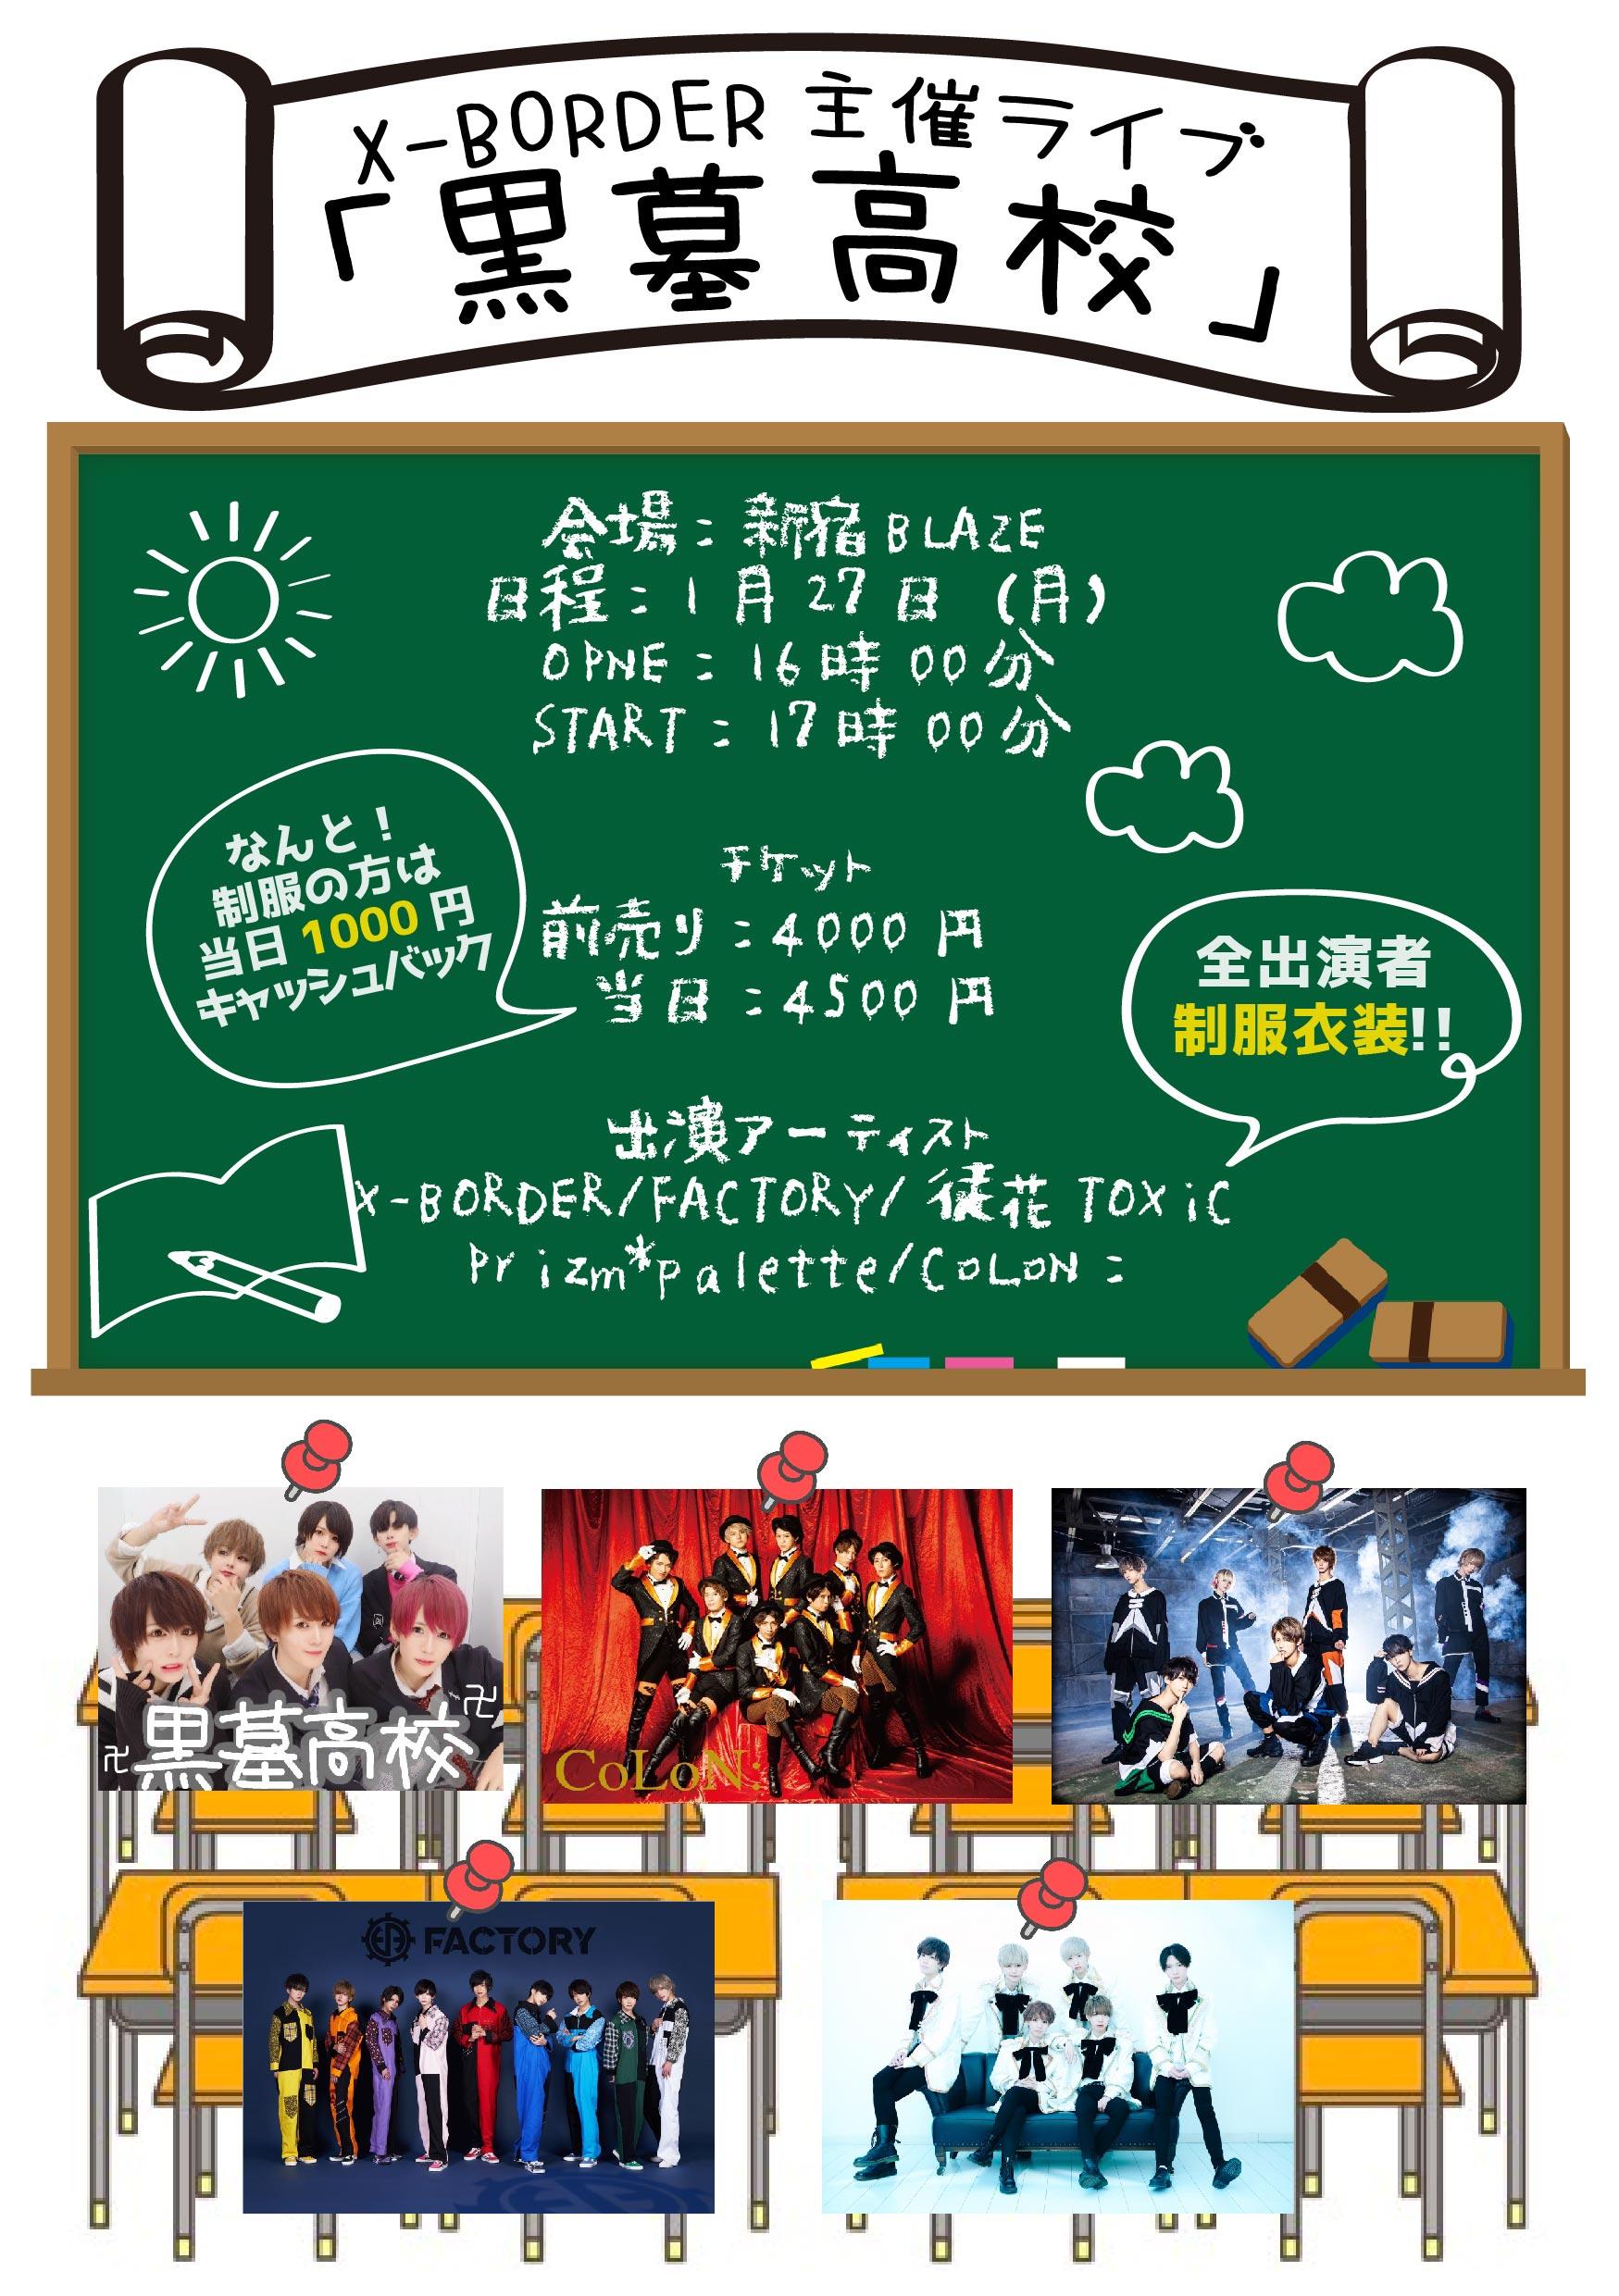 「黒墓高校」X-BORDER主催ライブ